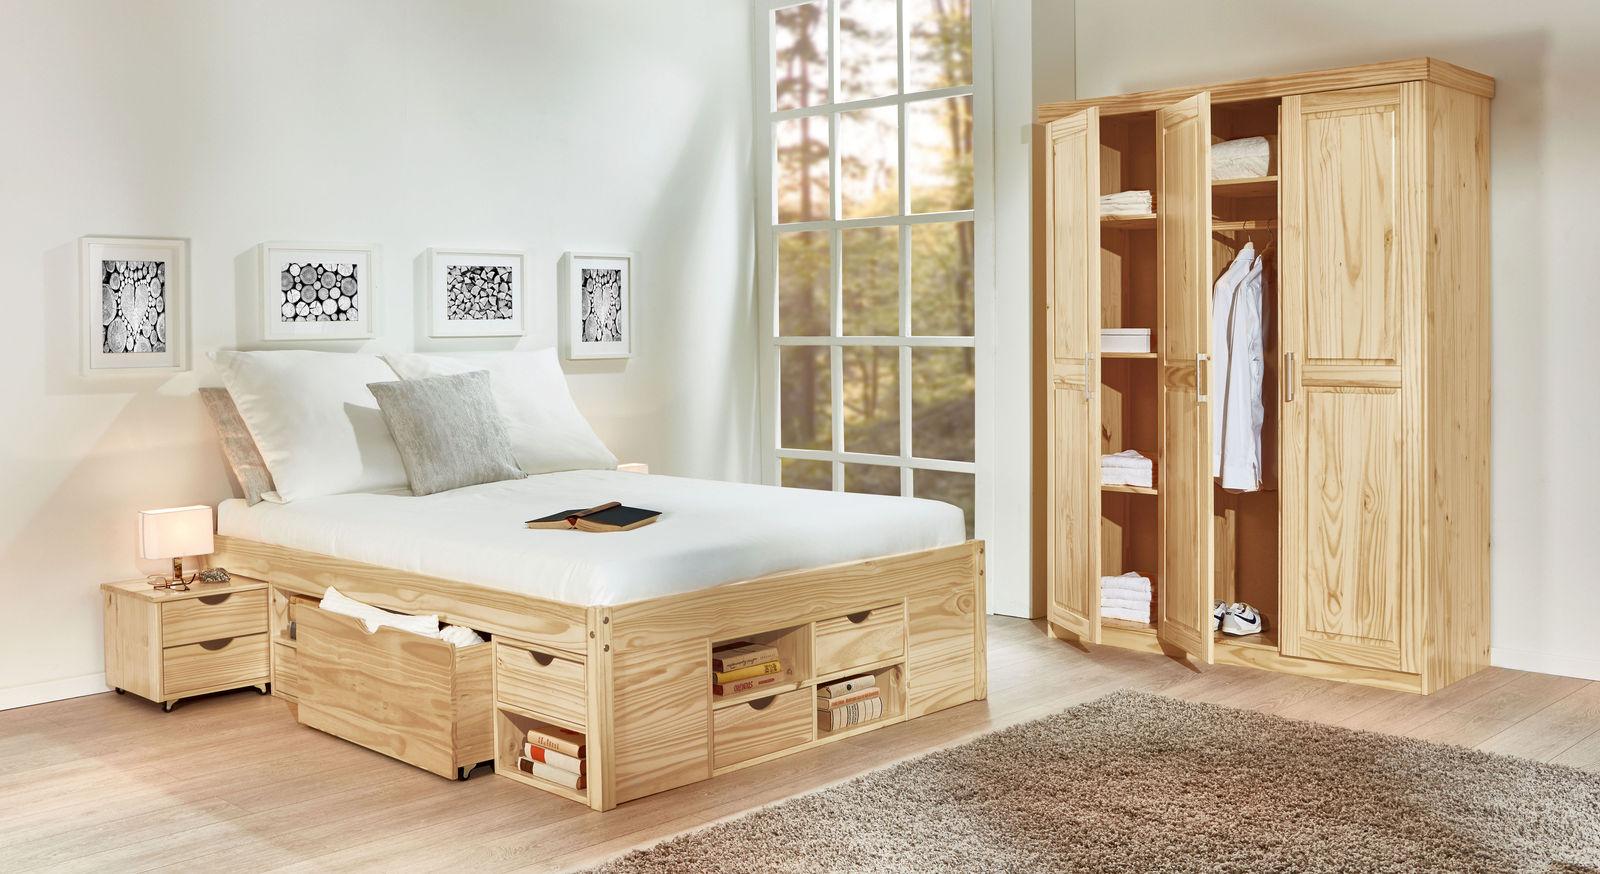 Schubkasten-Bett Oslo mit passendem Kleiderschrank